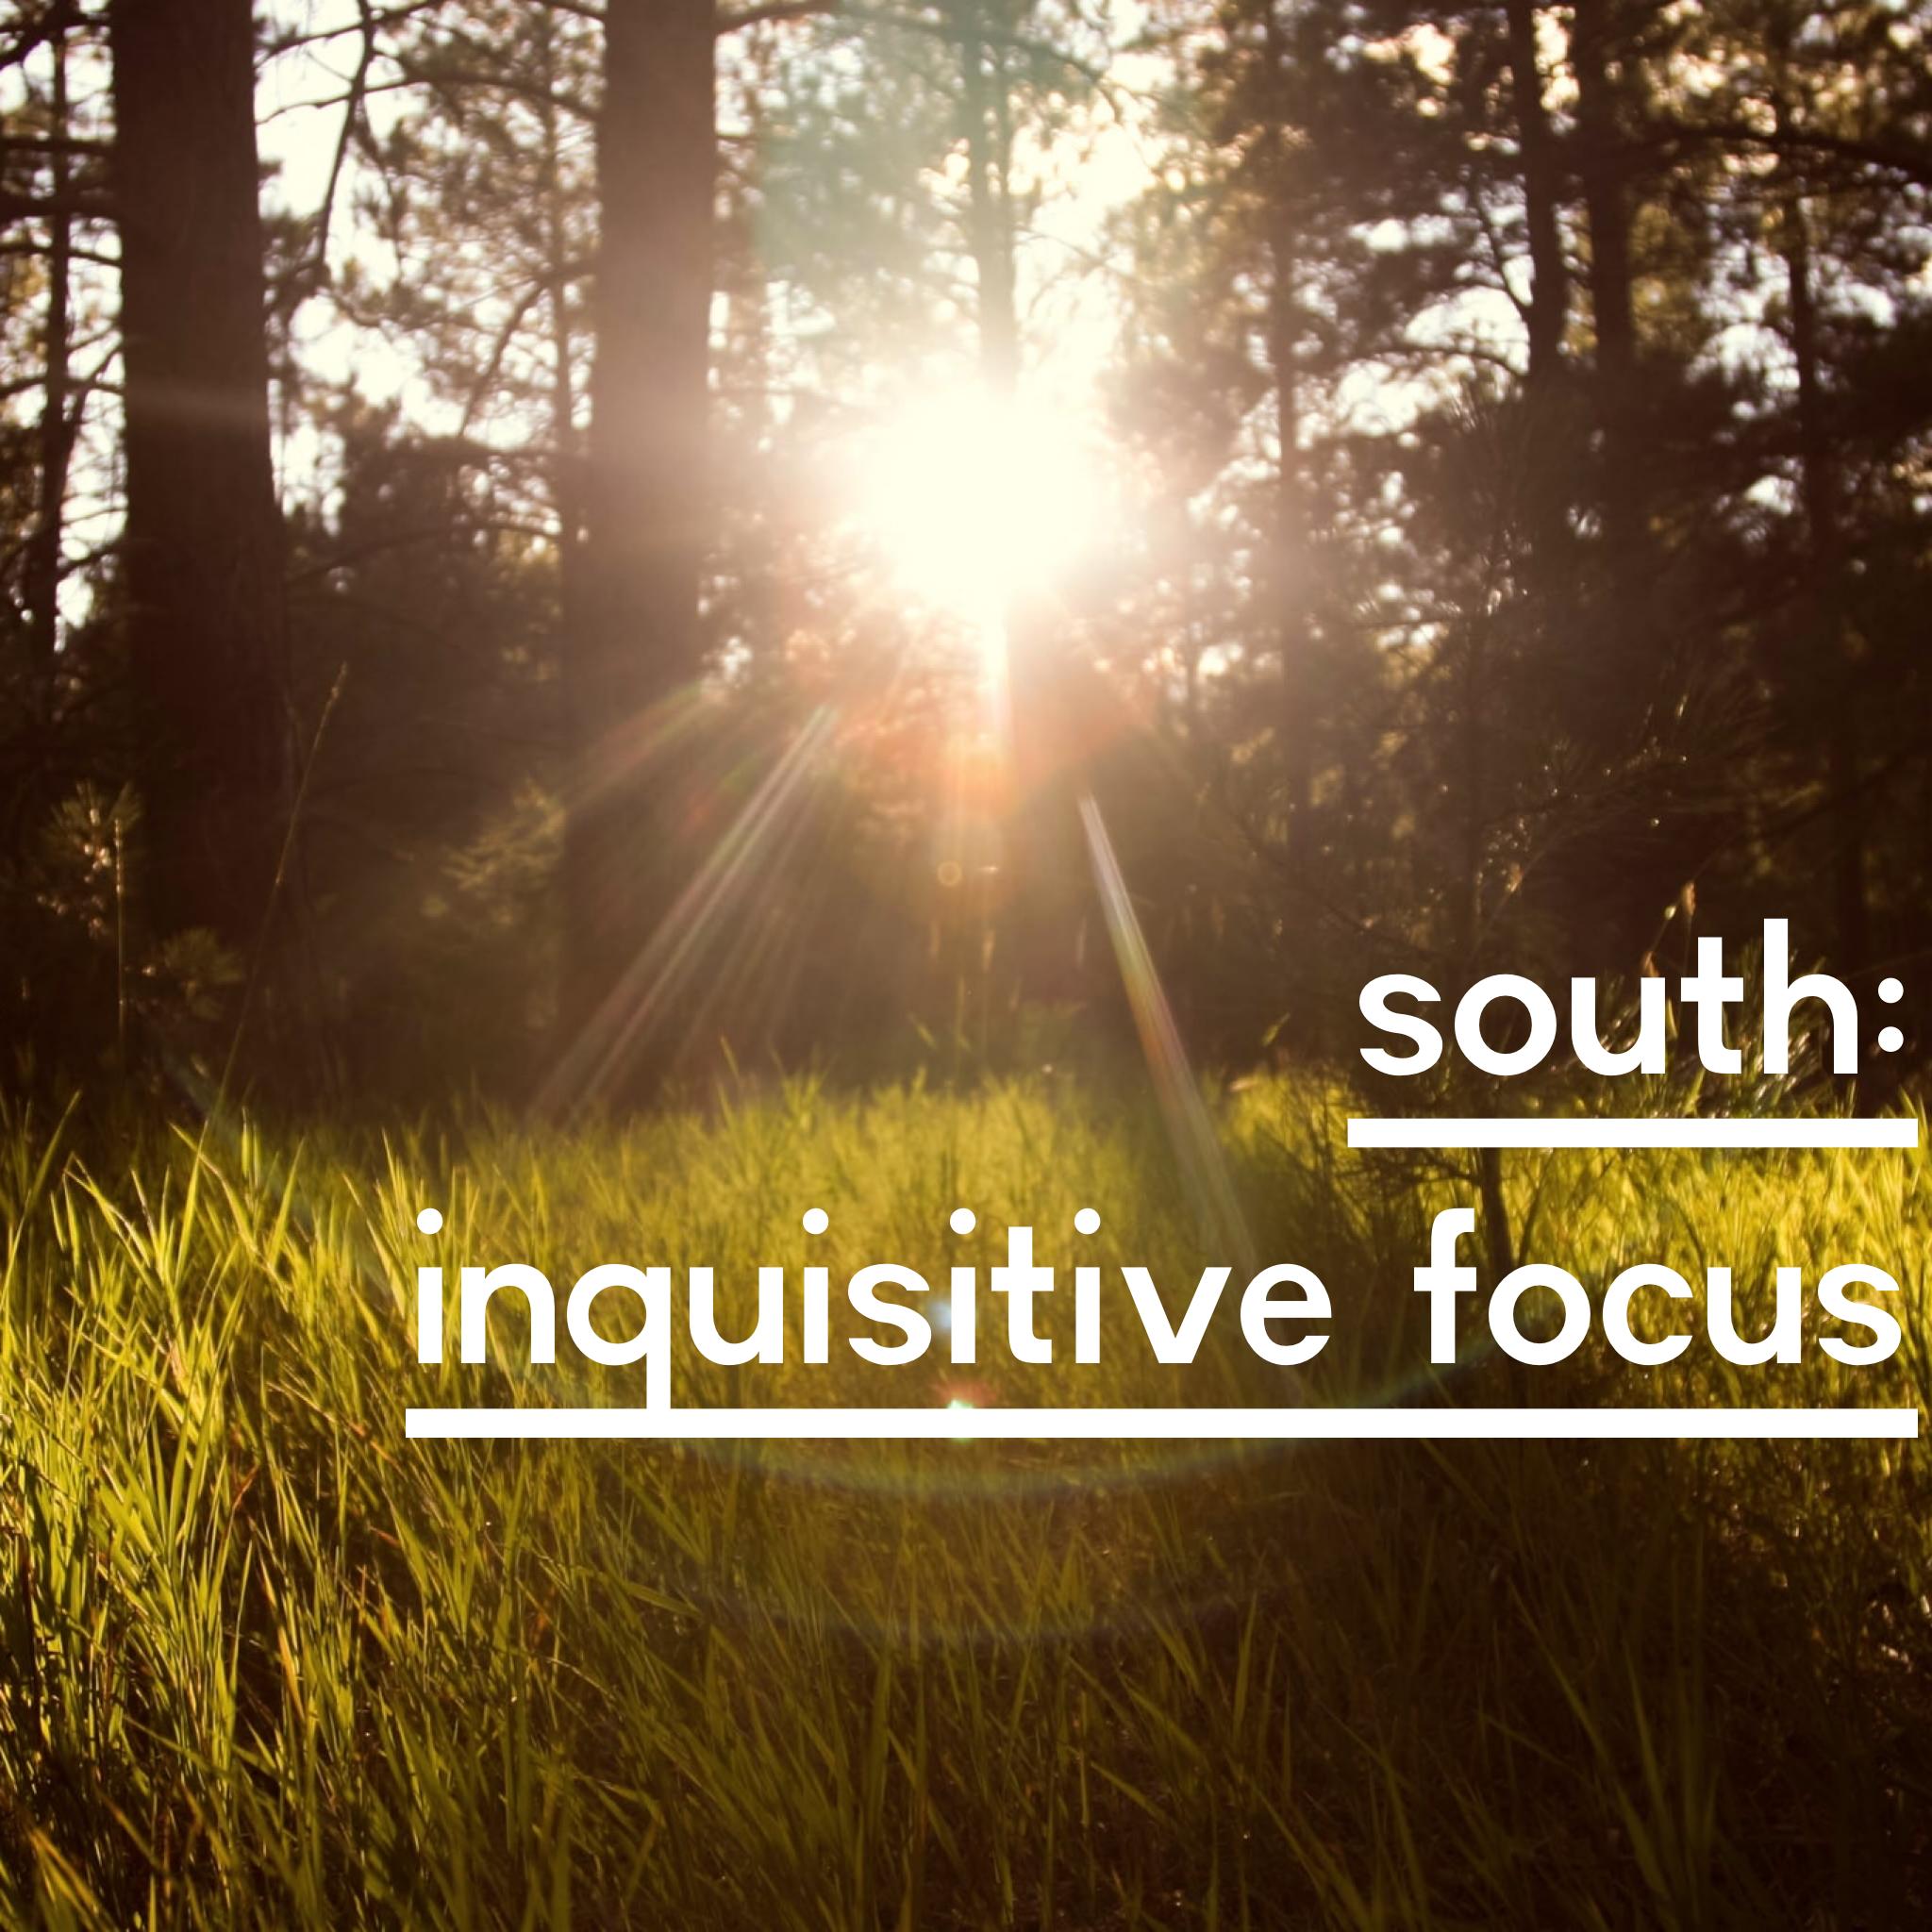 south inquisitive focus